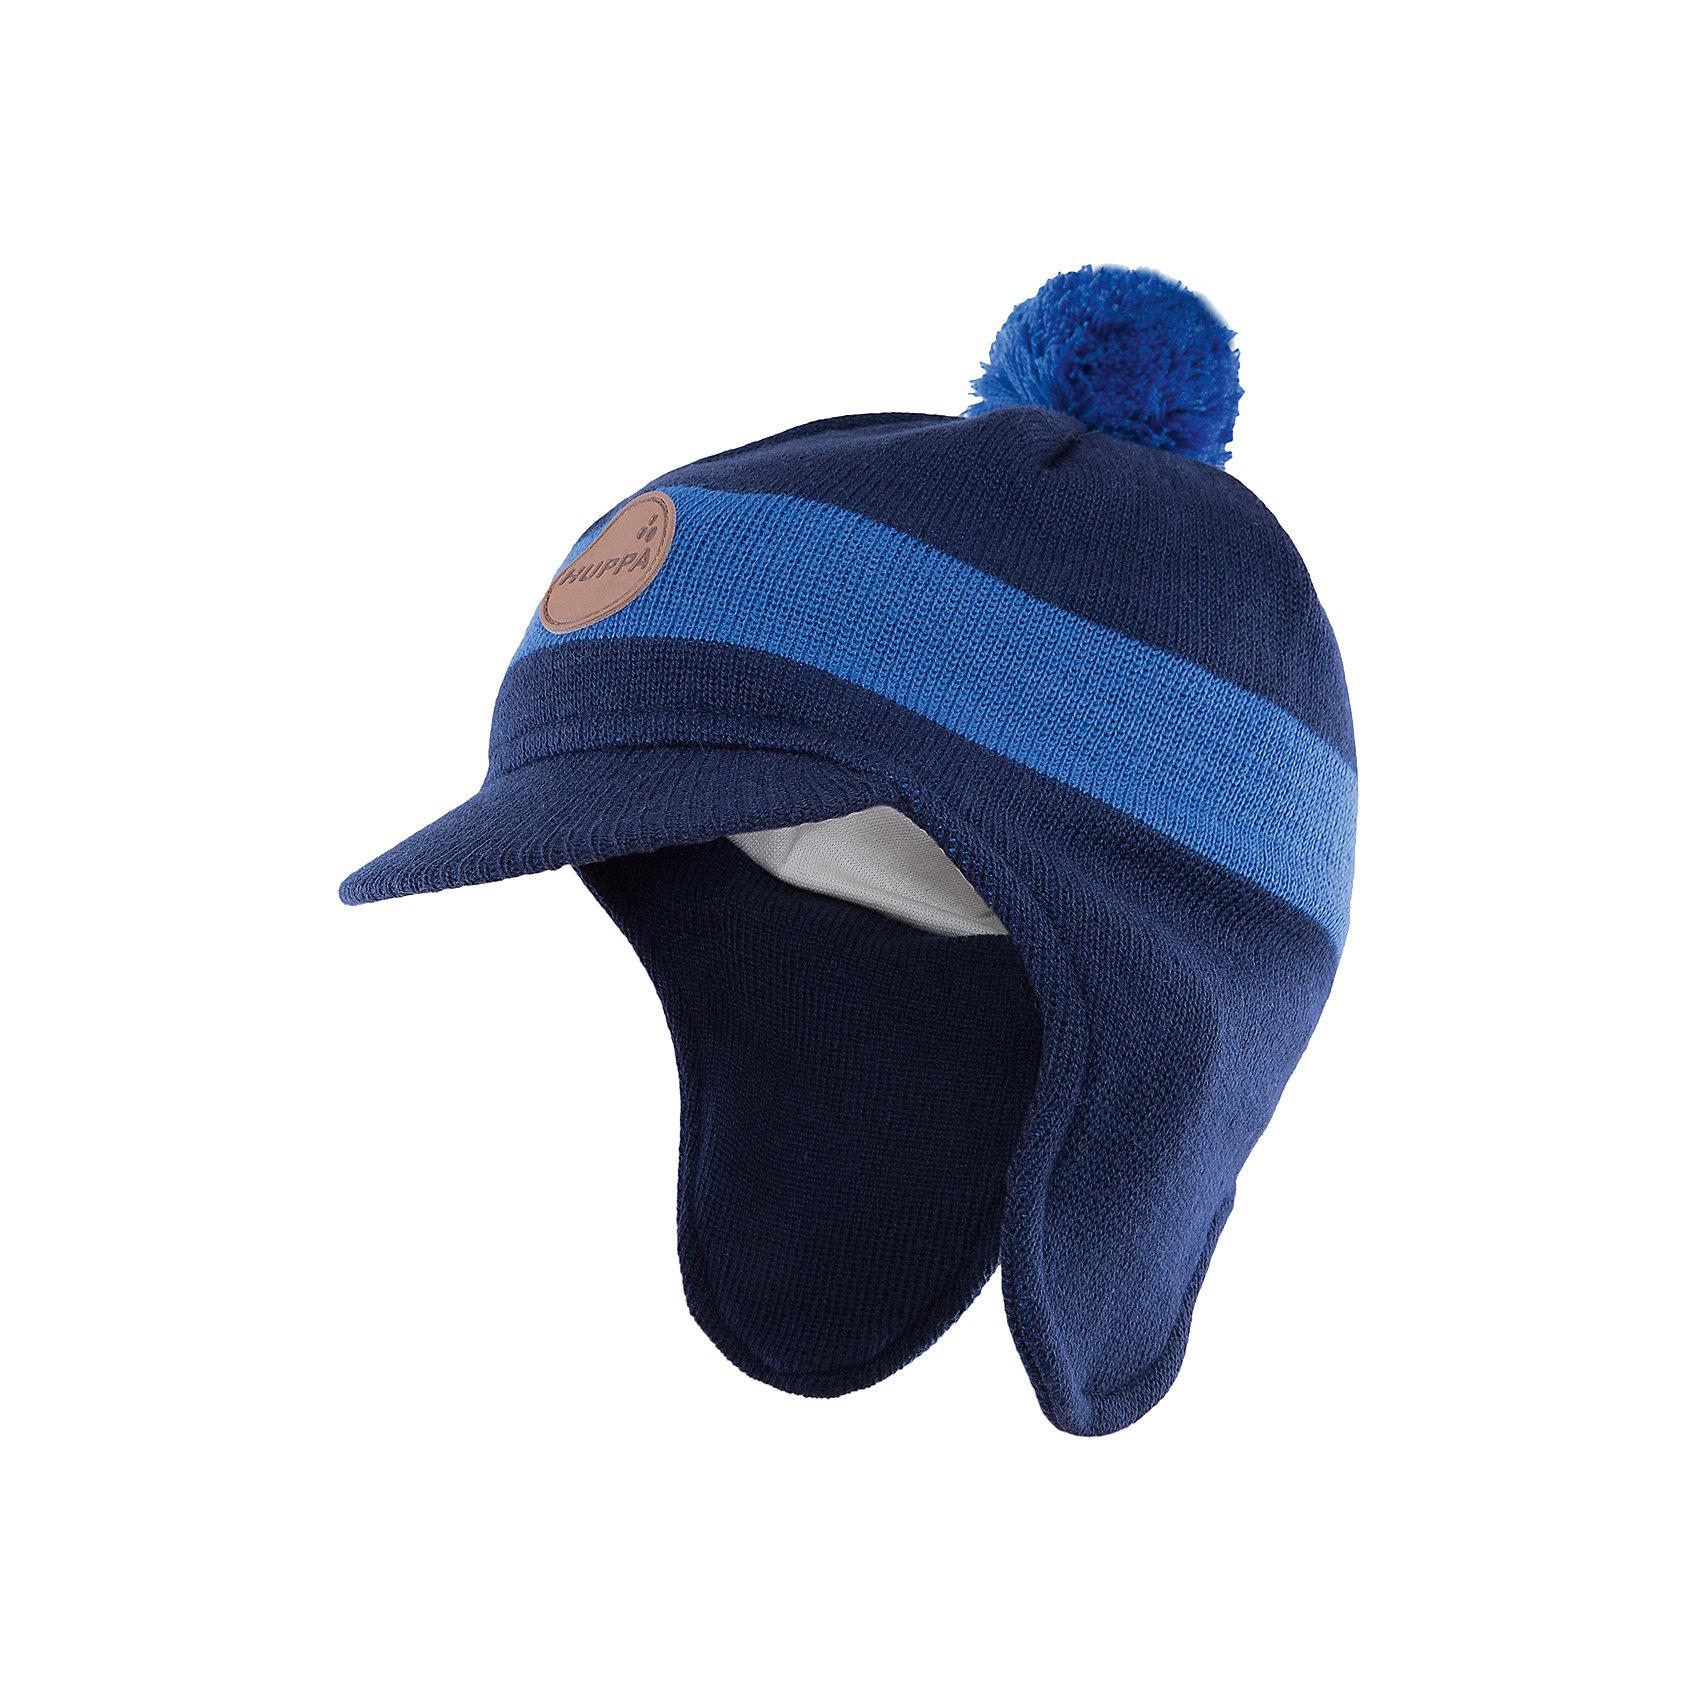 Шапка  HuppaШапка Peak с козырьком от Huppa(Хуппа) надежно сохранит тепло для вашего ребенка. Она изготовлена из шерсти и акрила, с подкладкой из натурального хлопка. Удлиненные бока и козырек защитят малыша от мороза и ветра. Шапка украшена помпоном и эмблемой фирмы. Прекрасно подойдет для холодной погоды.<br><br>Дополнительная информация:<br>Цвет: синий/темно-синий<br>Материал: 30% шерсть мериноса, 70% акрил<br>Подкладка: 100% хлопок<br><br>Шапку с козырьком Huppa(Хуппа) вы можете купить в нашем интернет-магазине.<br><br>Ширина мм: 89<br>Глубина мм: 117<br>Высота мм: 44<br>Вес г: 155<br>Цвет: синий<br>Возраст от месяцев: 12<br>Возраст до месяцев: 24<br>Пол: Мужской<br>Возраст: Детский<br>Размер: 55-57,51-53,47-49<br>SKU: 4923561